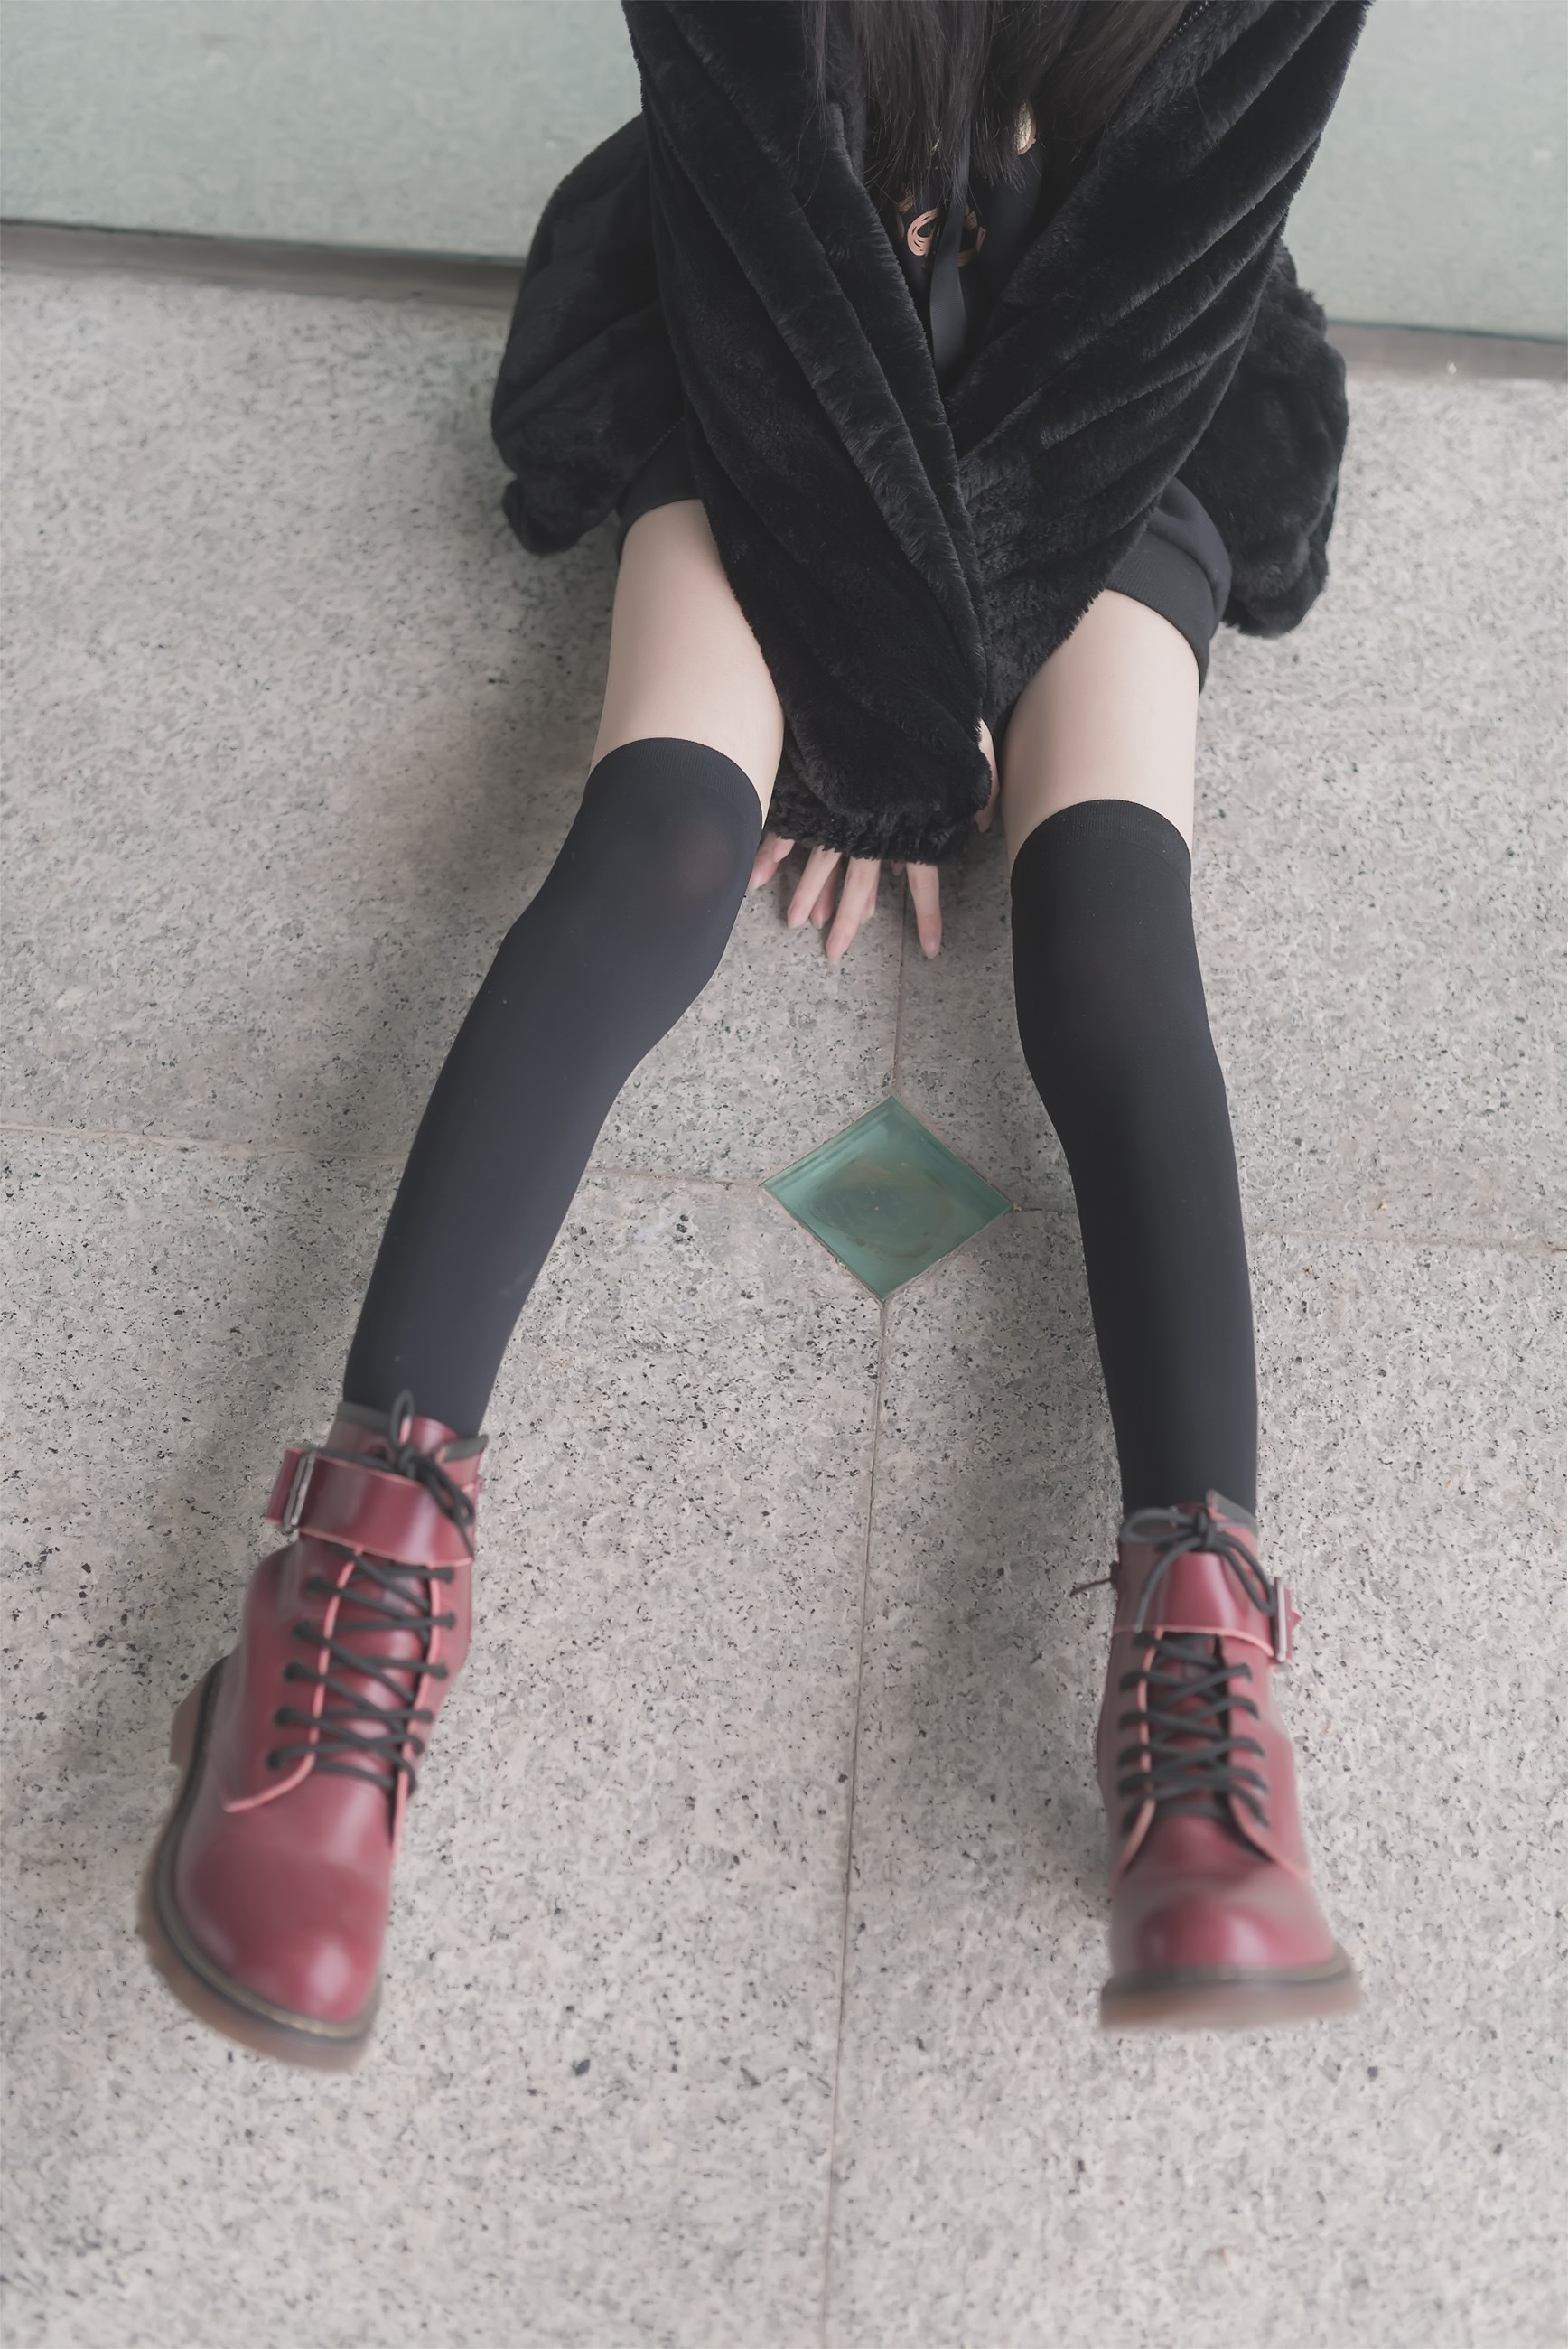 【兔玩映画】令人羡慕的小细腿 兔玩映画 第18张